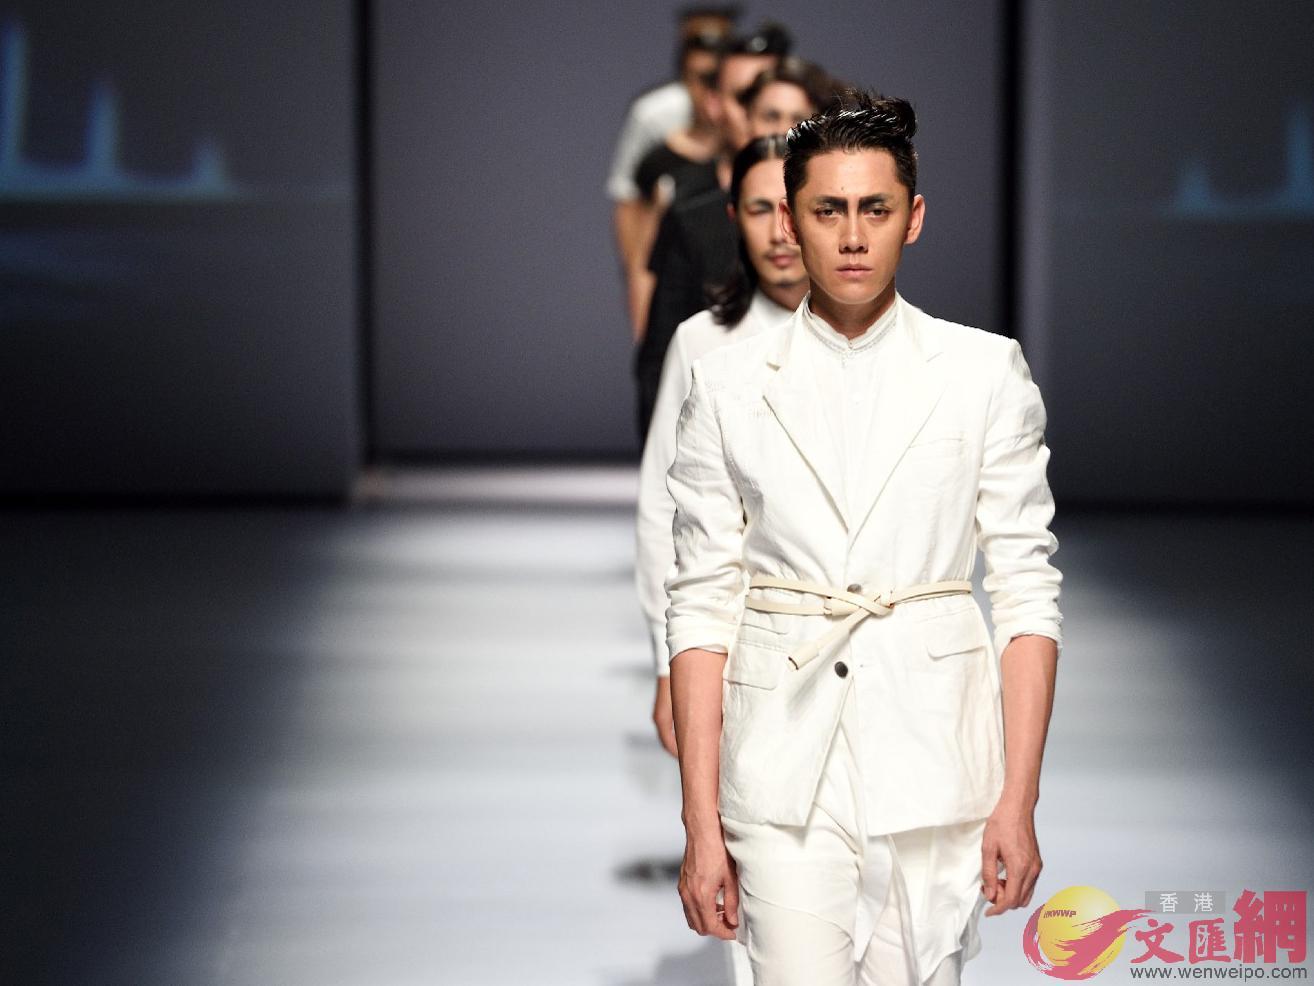 與上海、北京的時裝周不同,廣東時裝周更強調與本土產業的結合,圖為設計師品牌走秀。